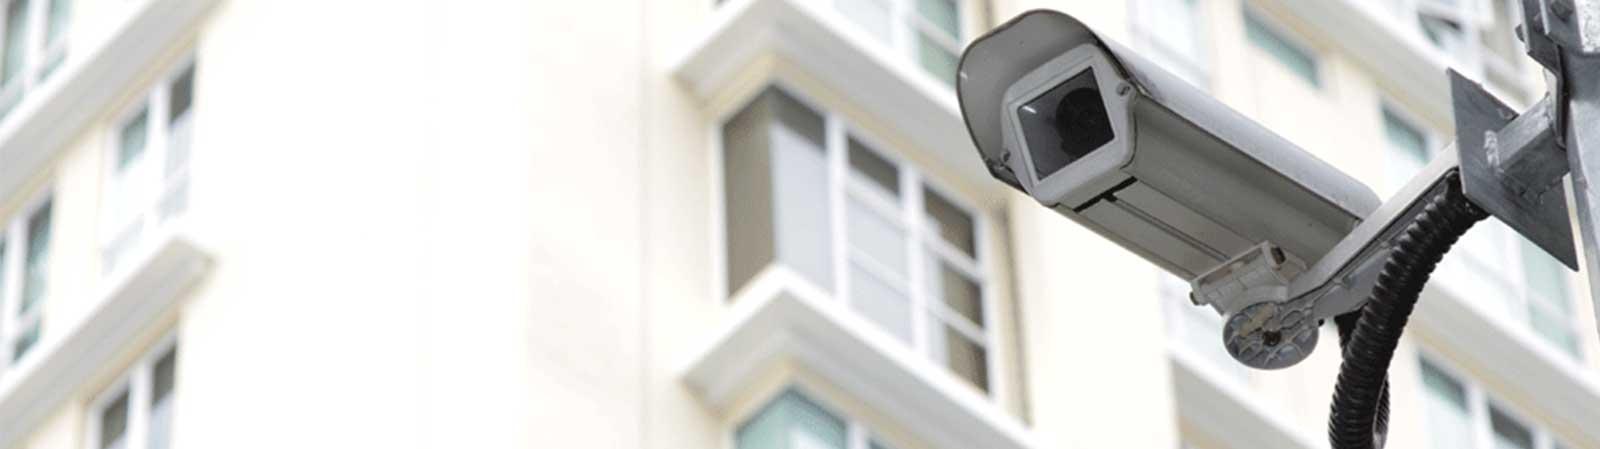 Top Condo Security Tips for Properties in Alberta-3953